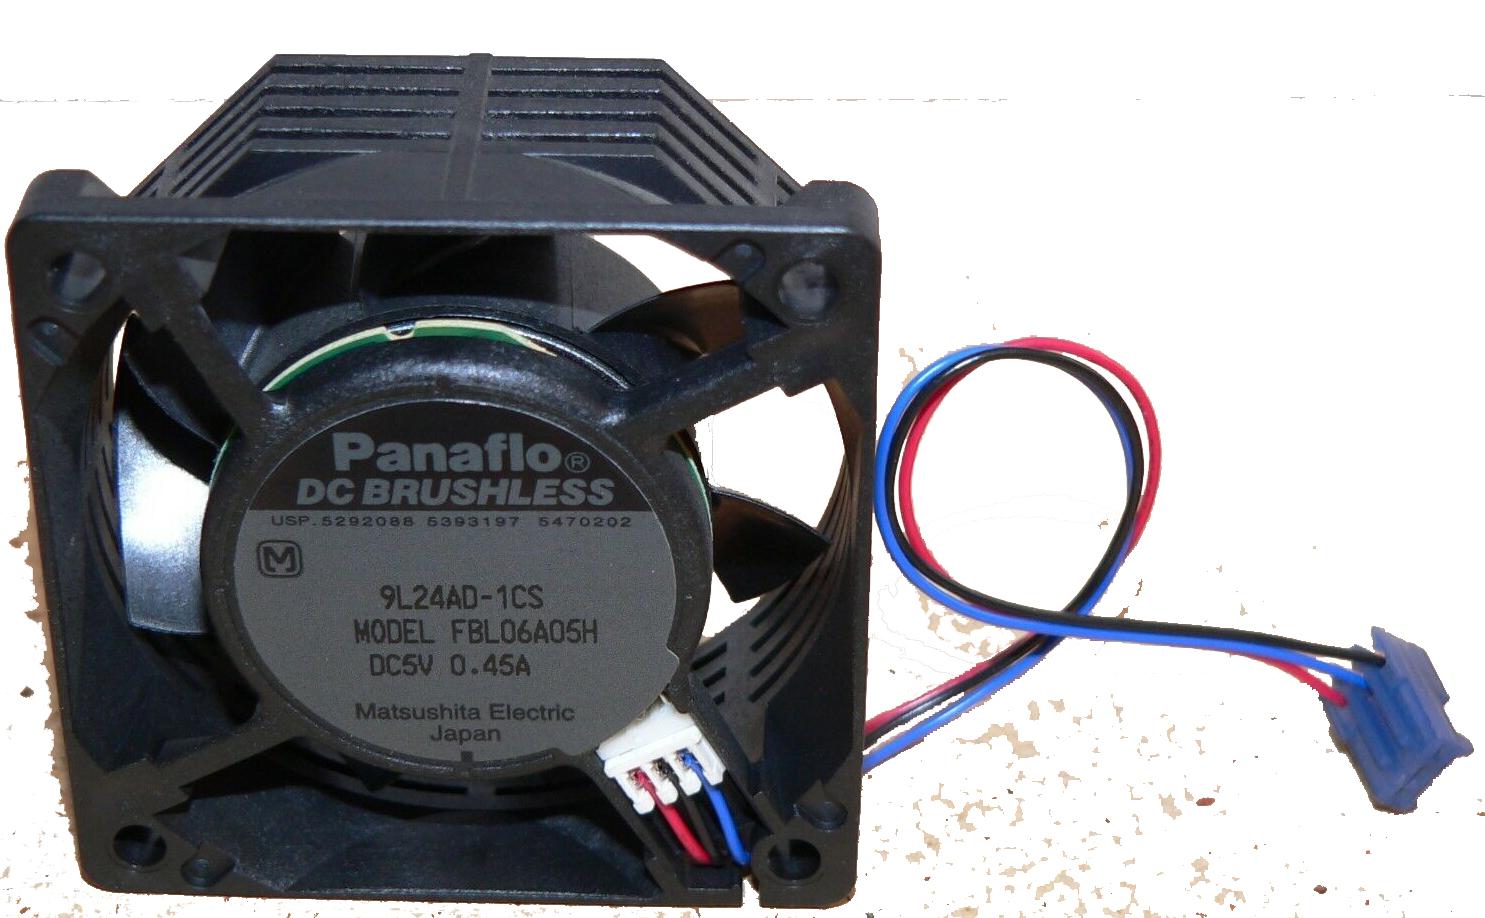 Panaflo Fbl06A05H Fan Panaflo Dc Brushless Fbl06A05H Dc5V 0.45A